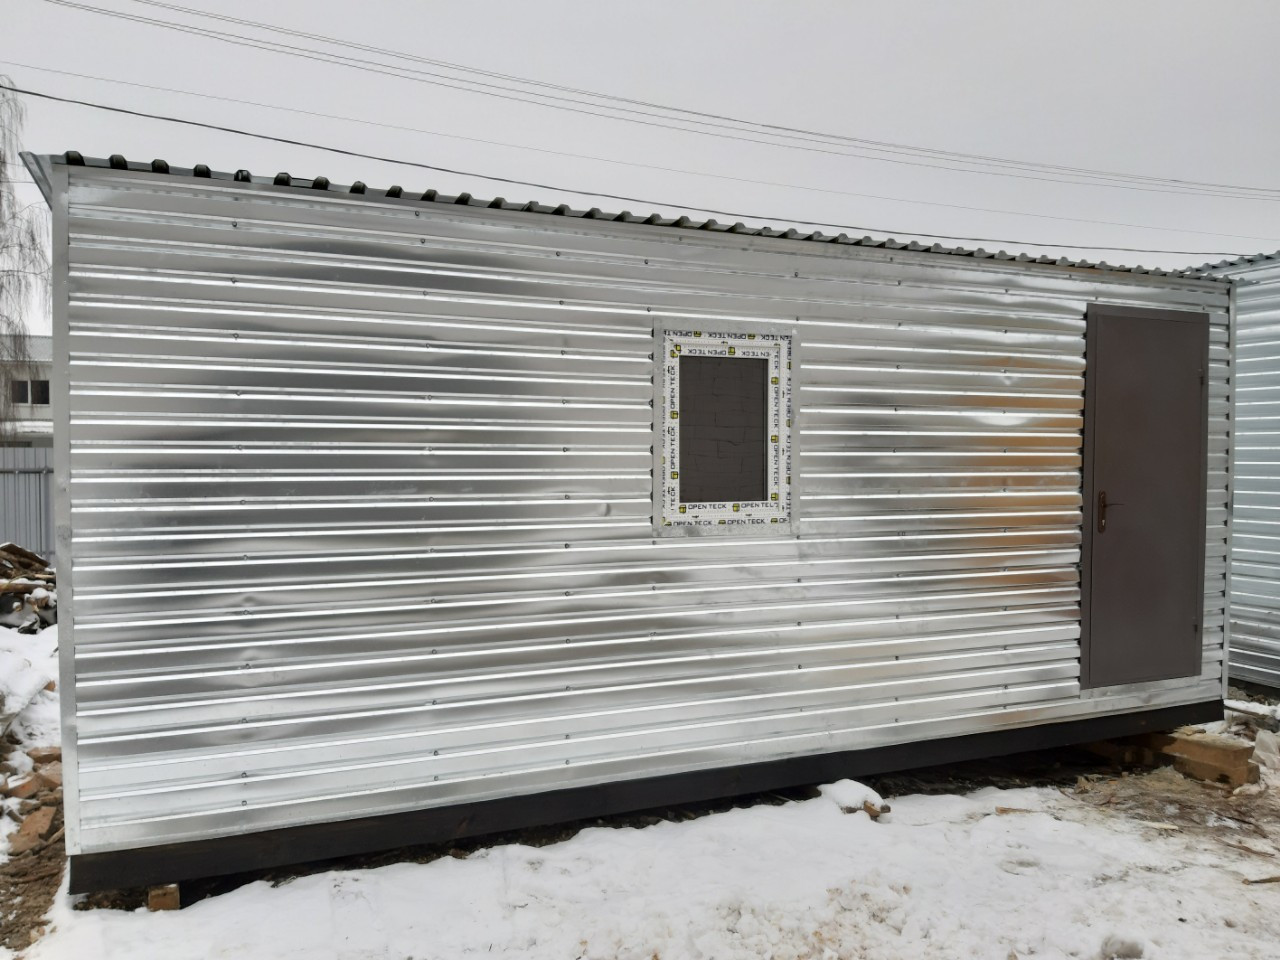 Бытовка строительная 6х2,30 м (внутри деревянная вагонка)